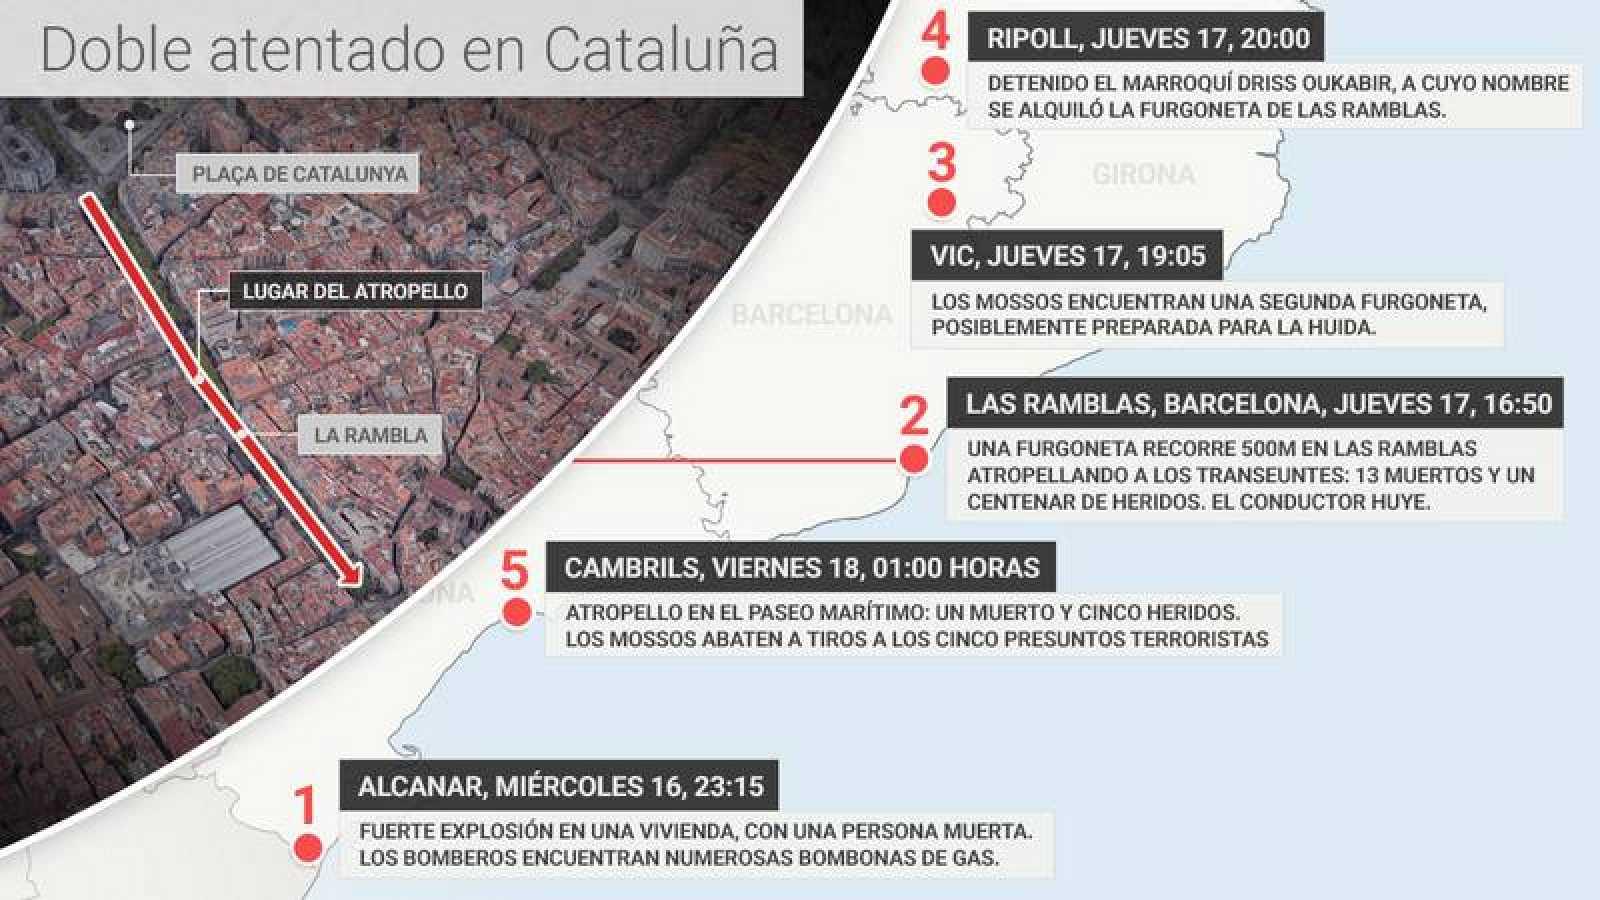 Gráfico con la cronología de los atentados en Cataluña